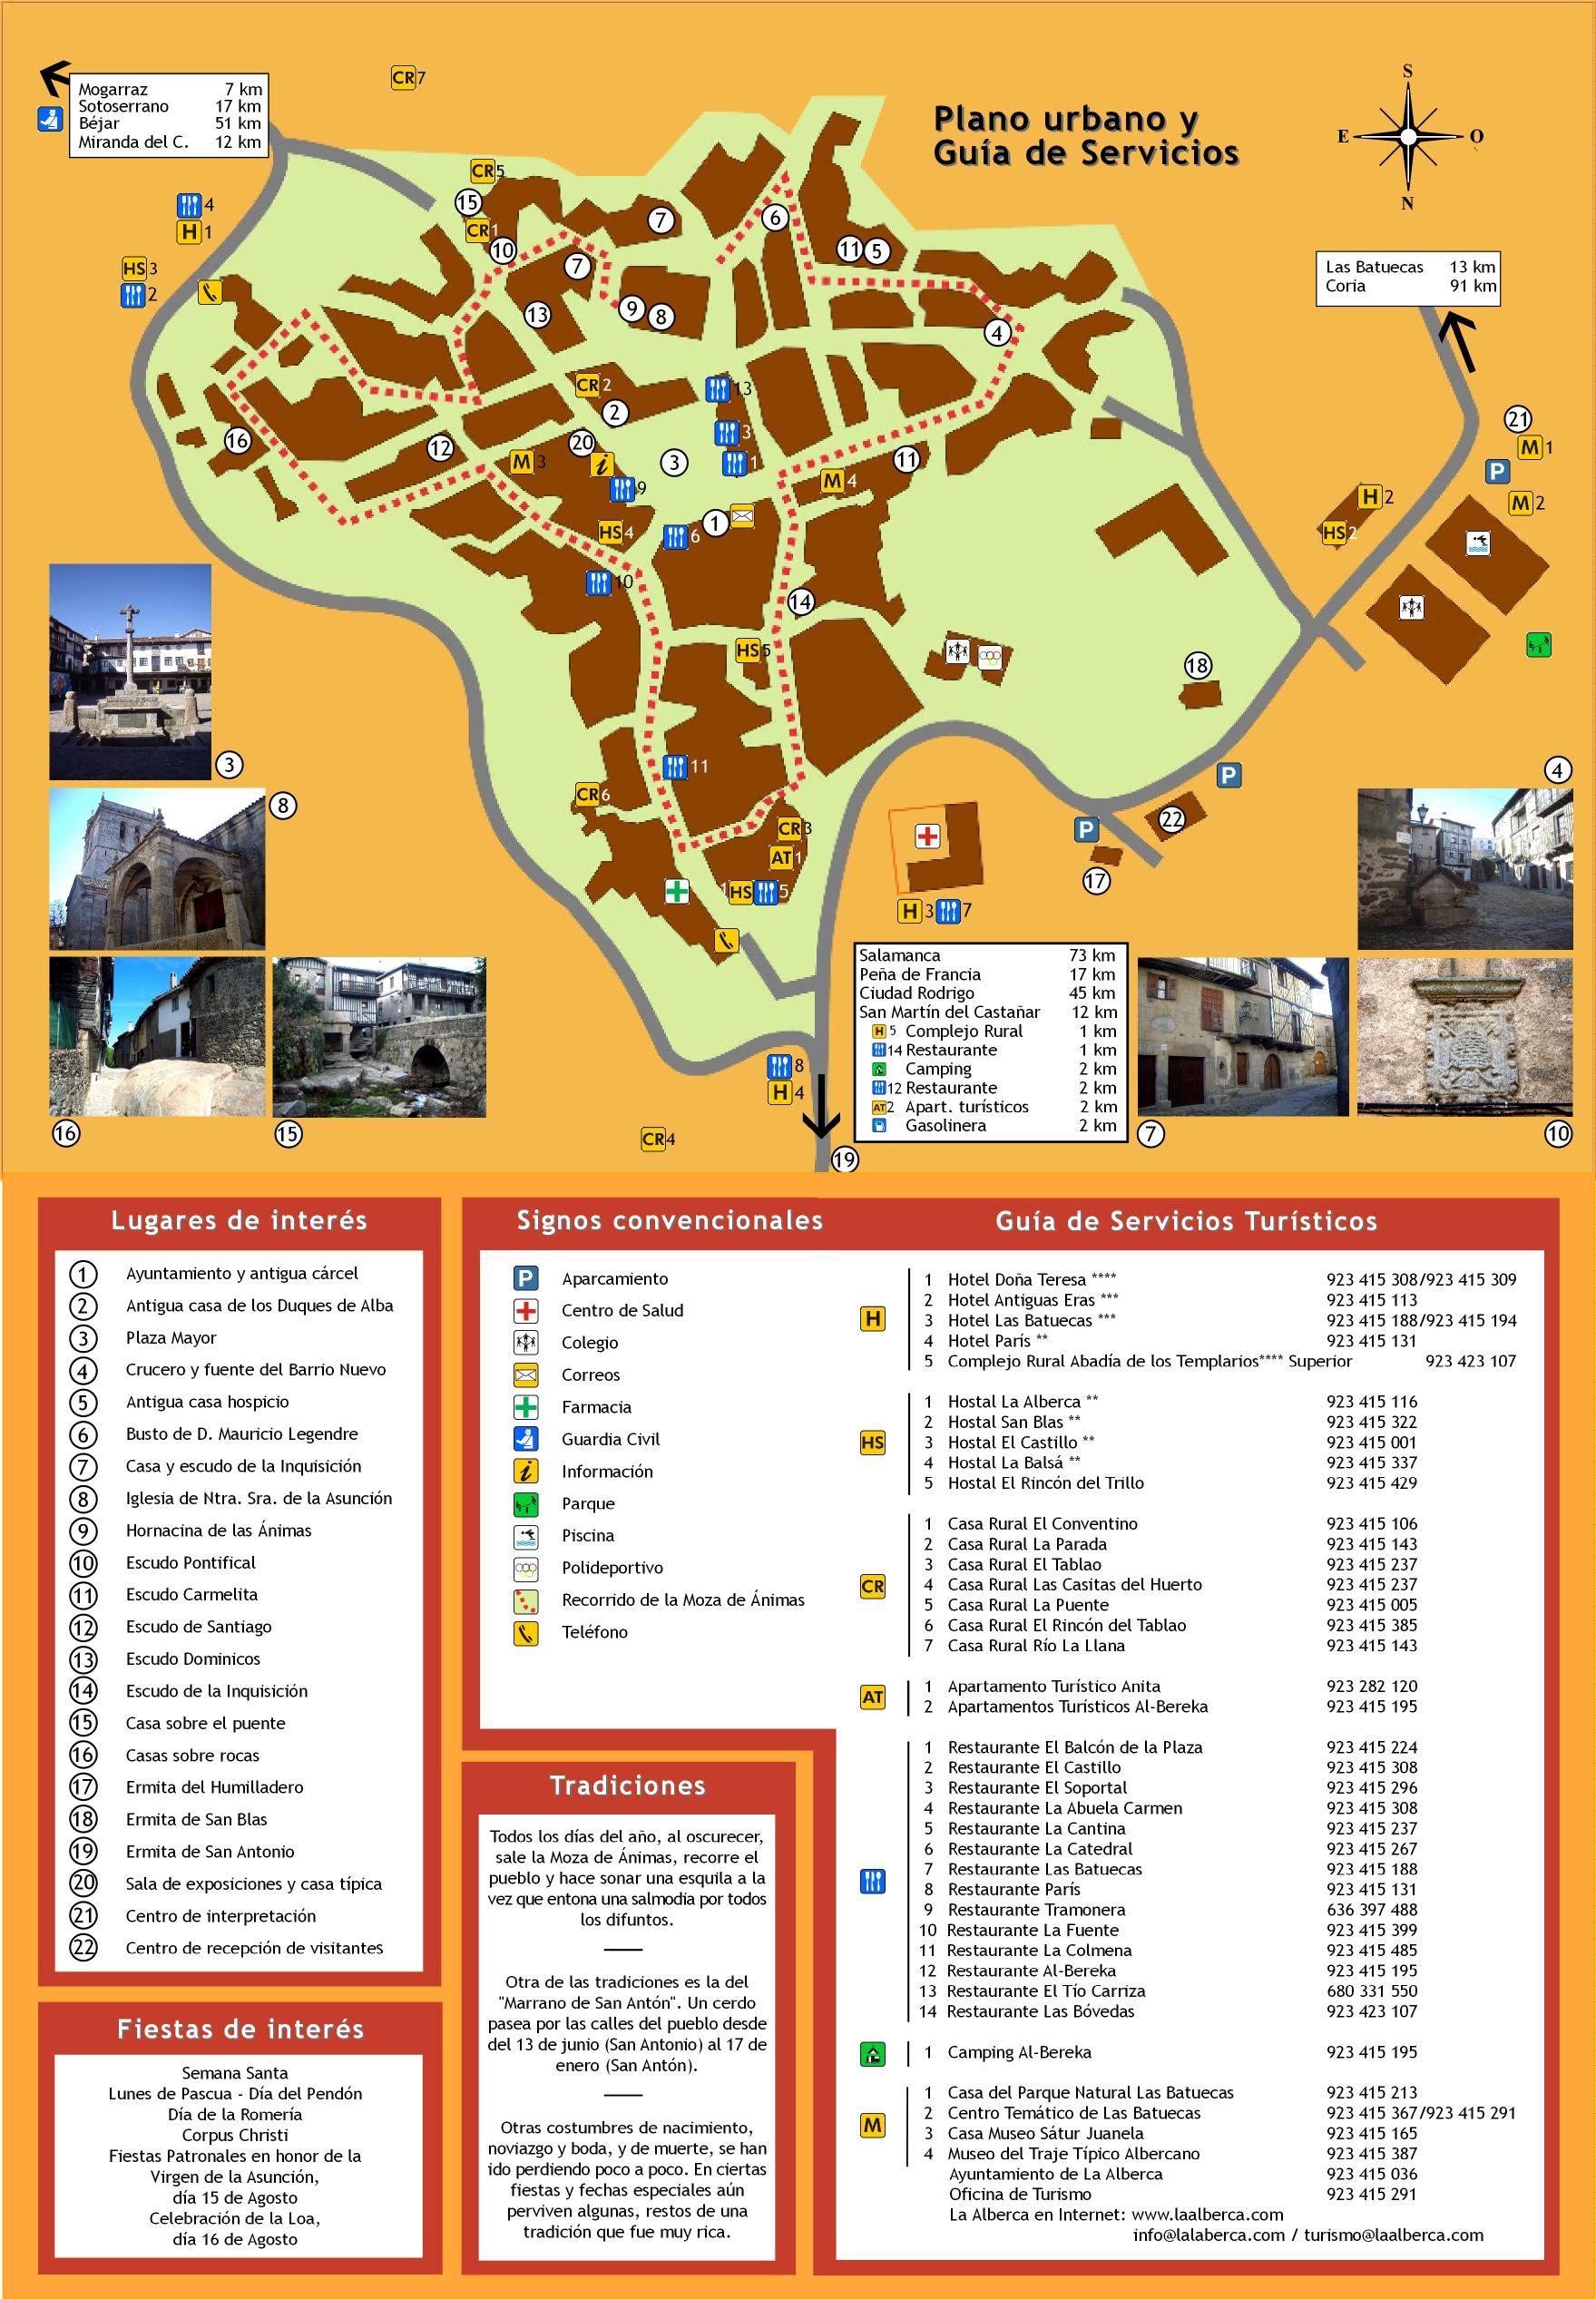 Plano urbano y guía de servicios